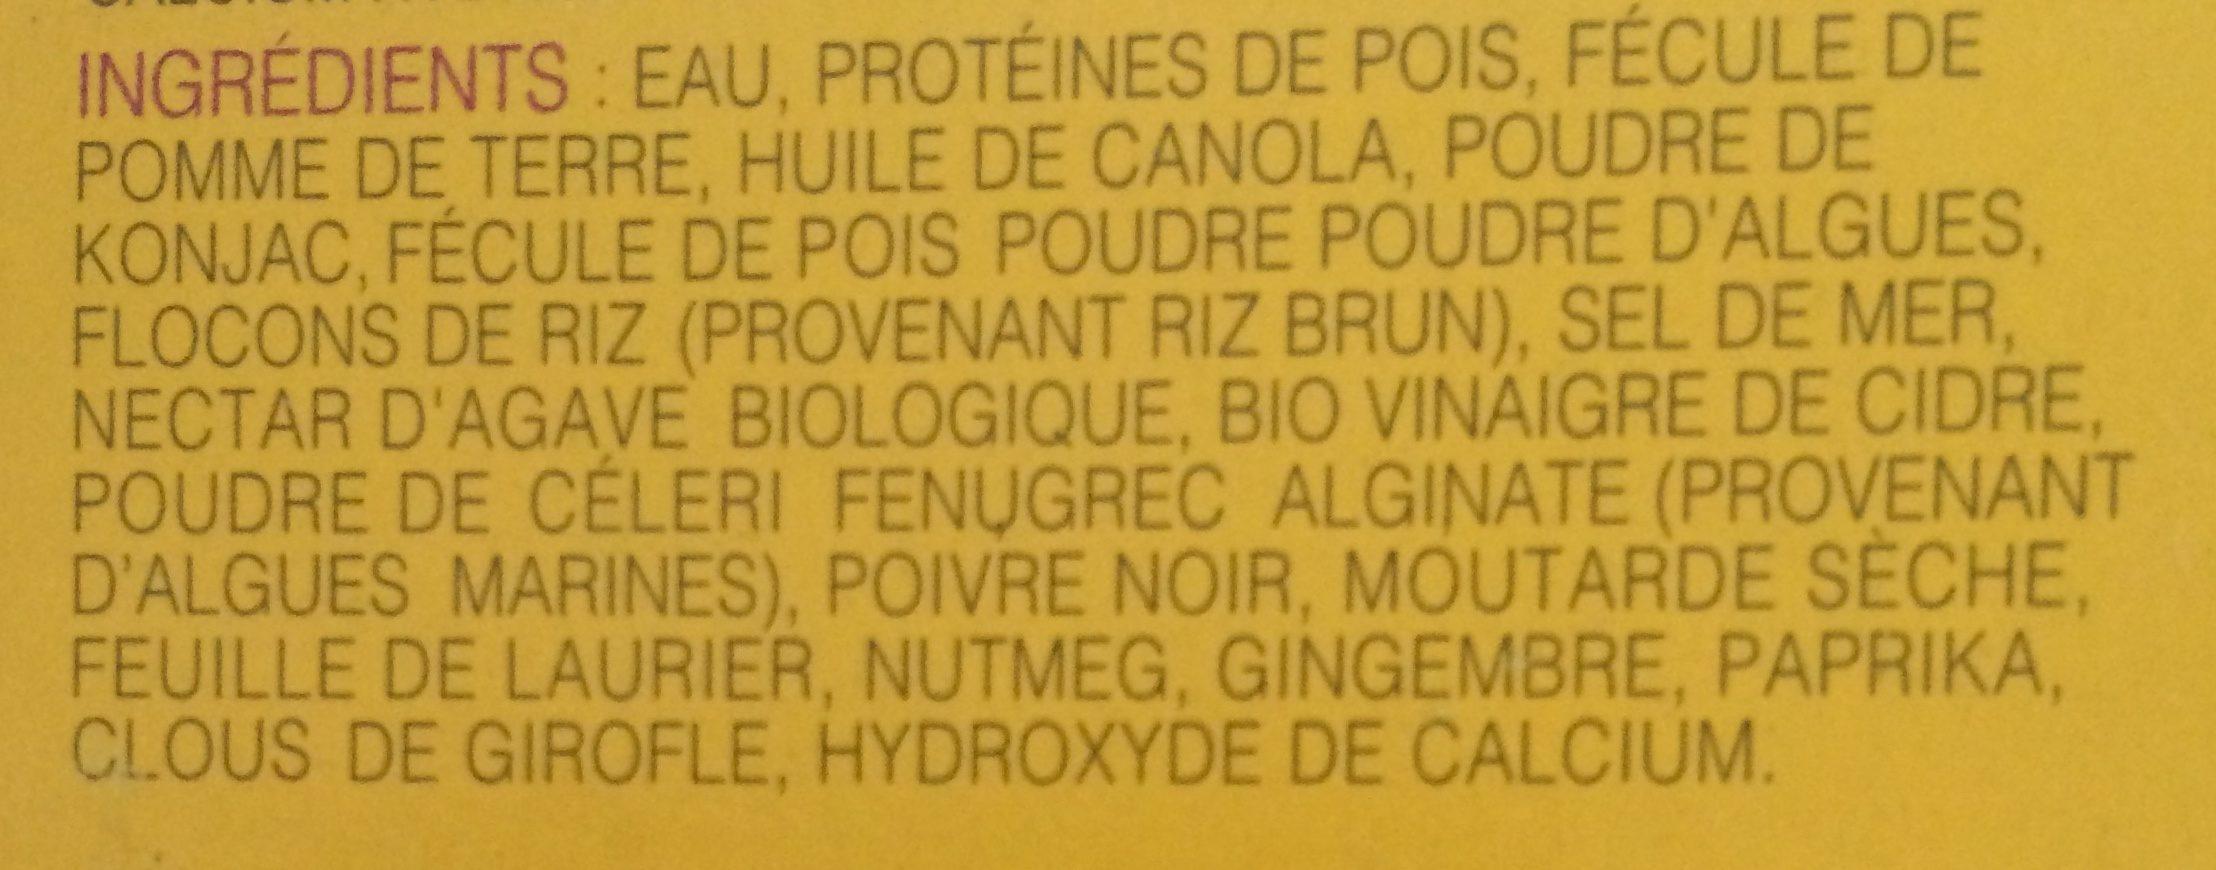 Beignet de Crabes Végétaliens - Ingredients